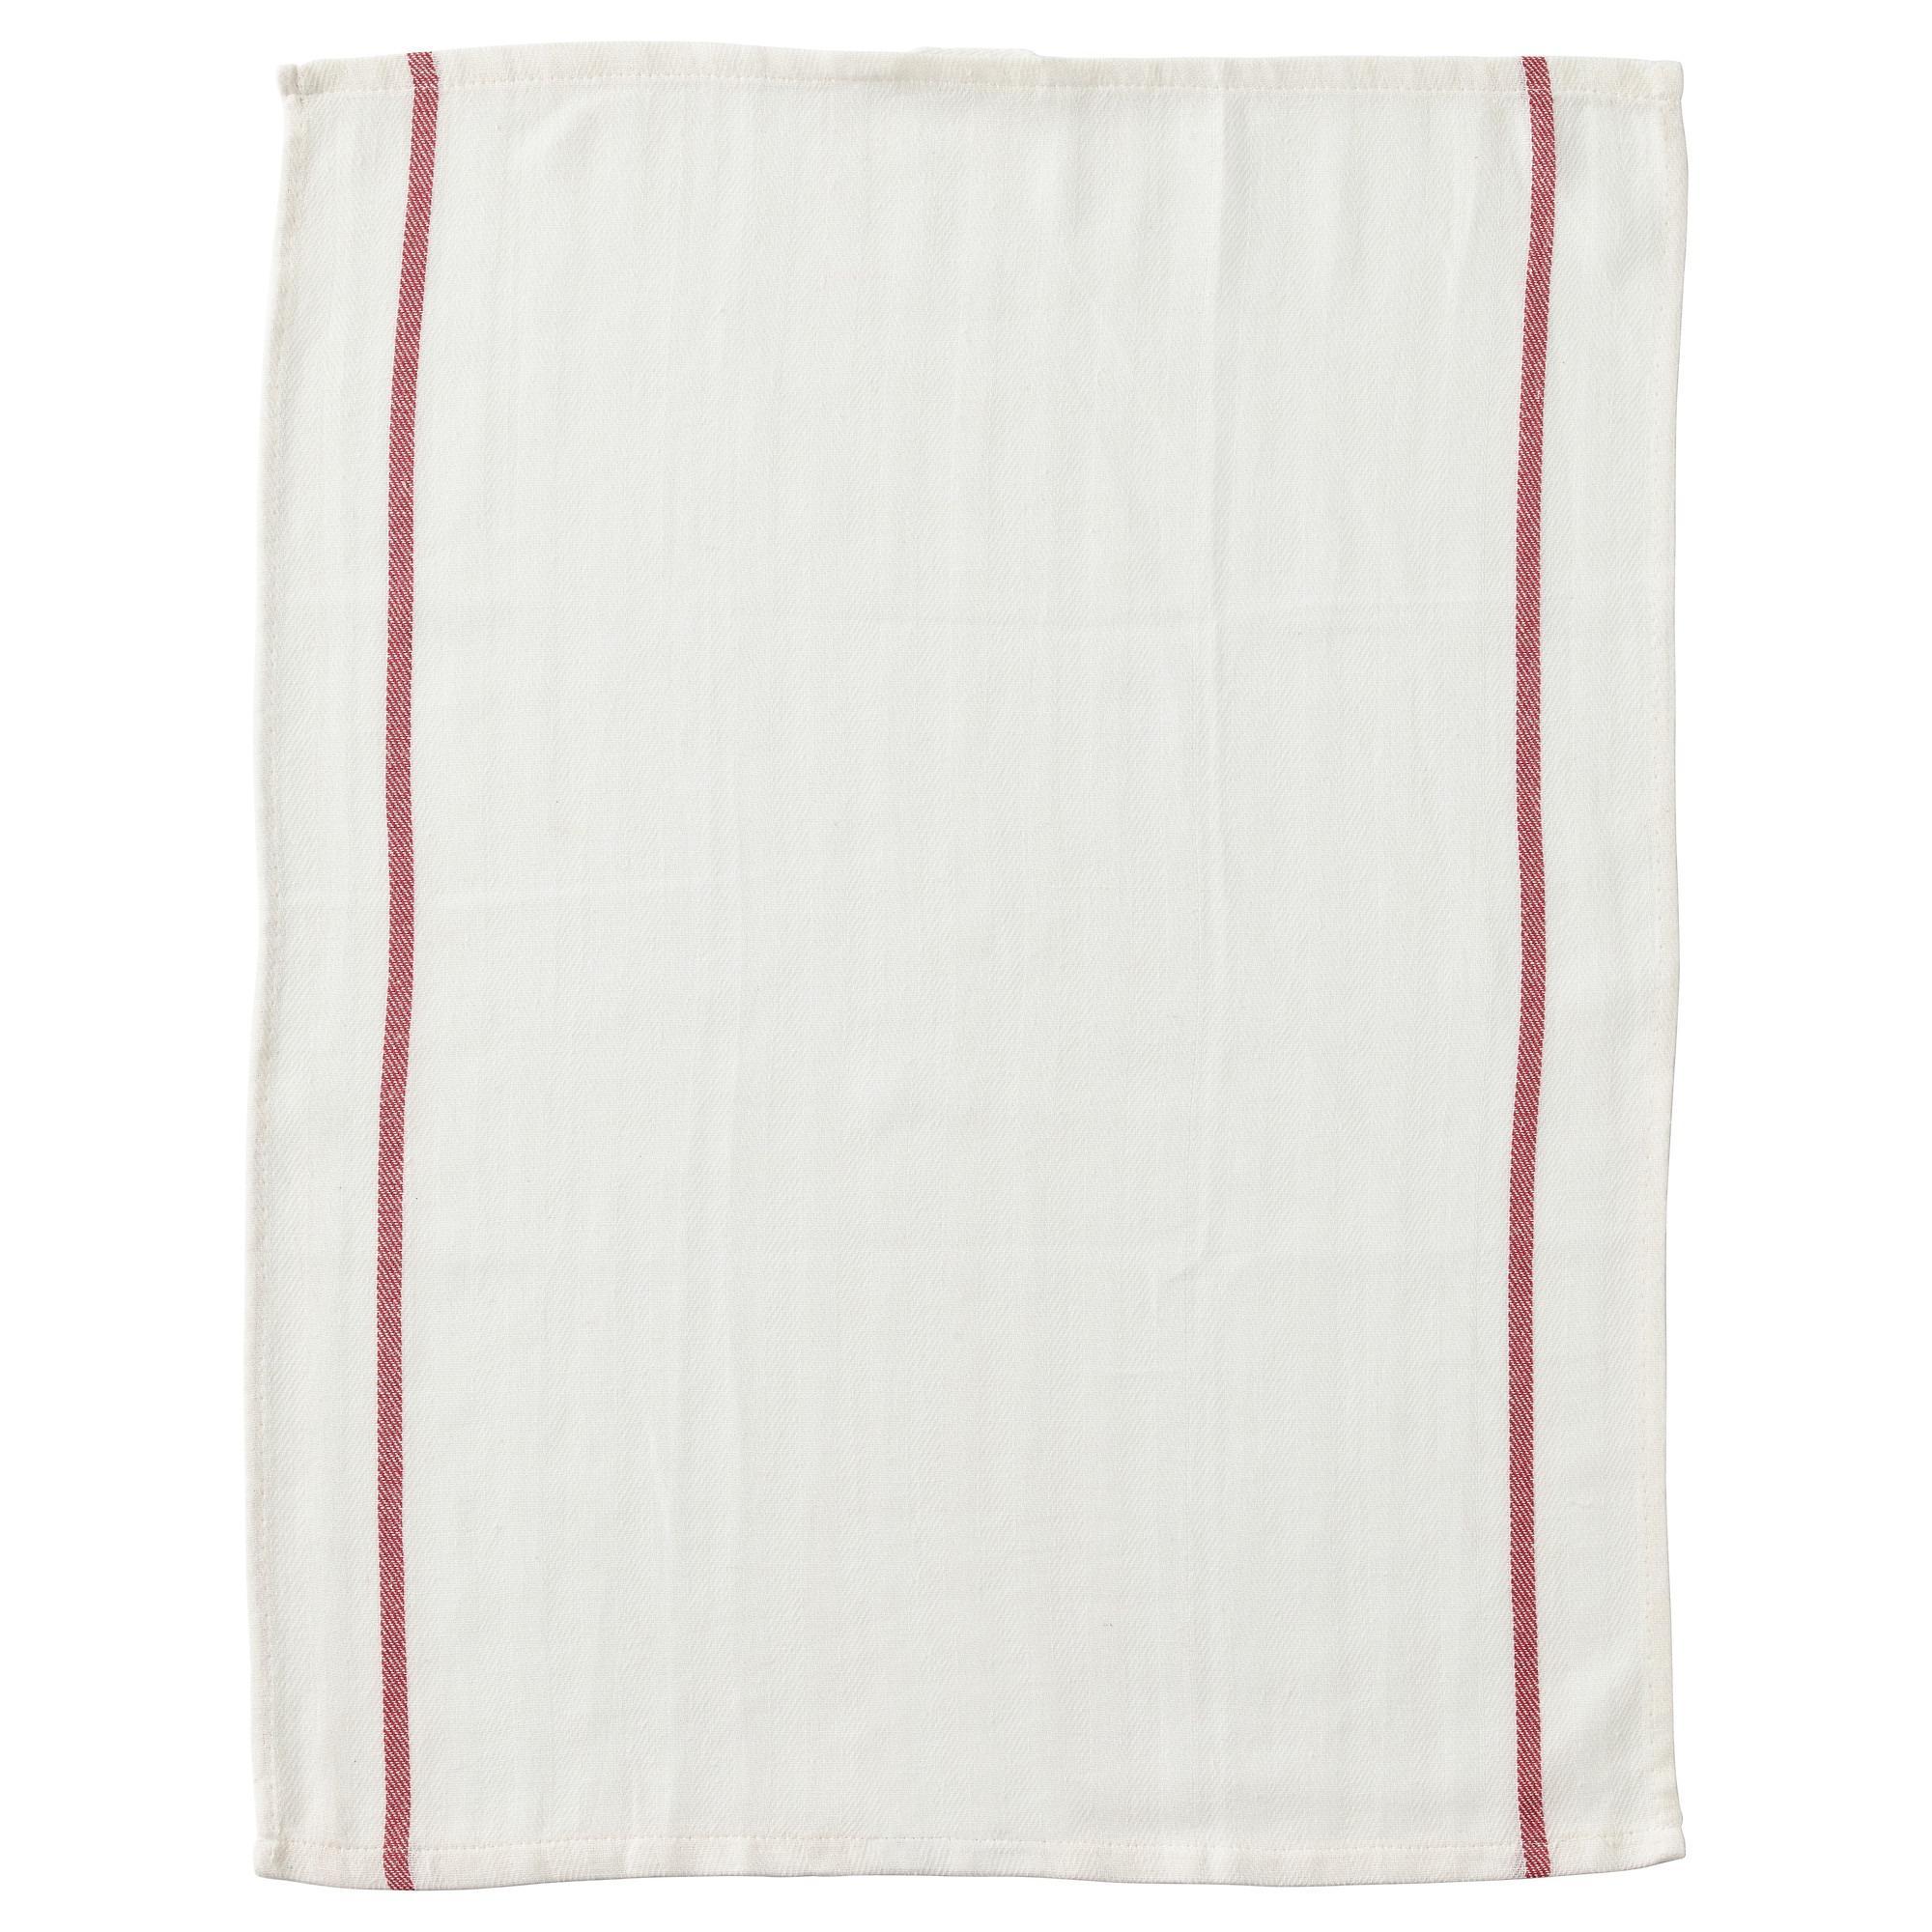 Cek Harga Baru Ikea Tekla Kain Lap Dapur 100 Katun Putih Merah Garis